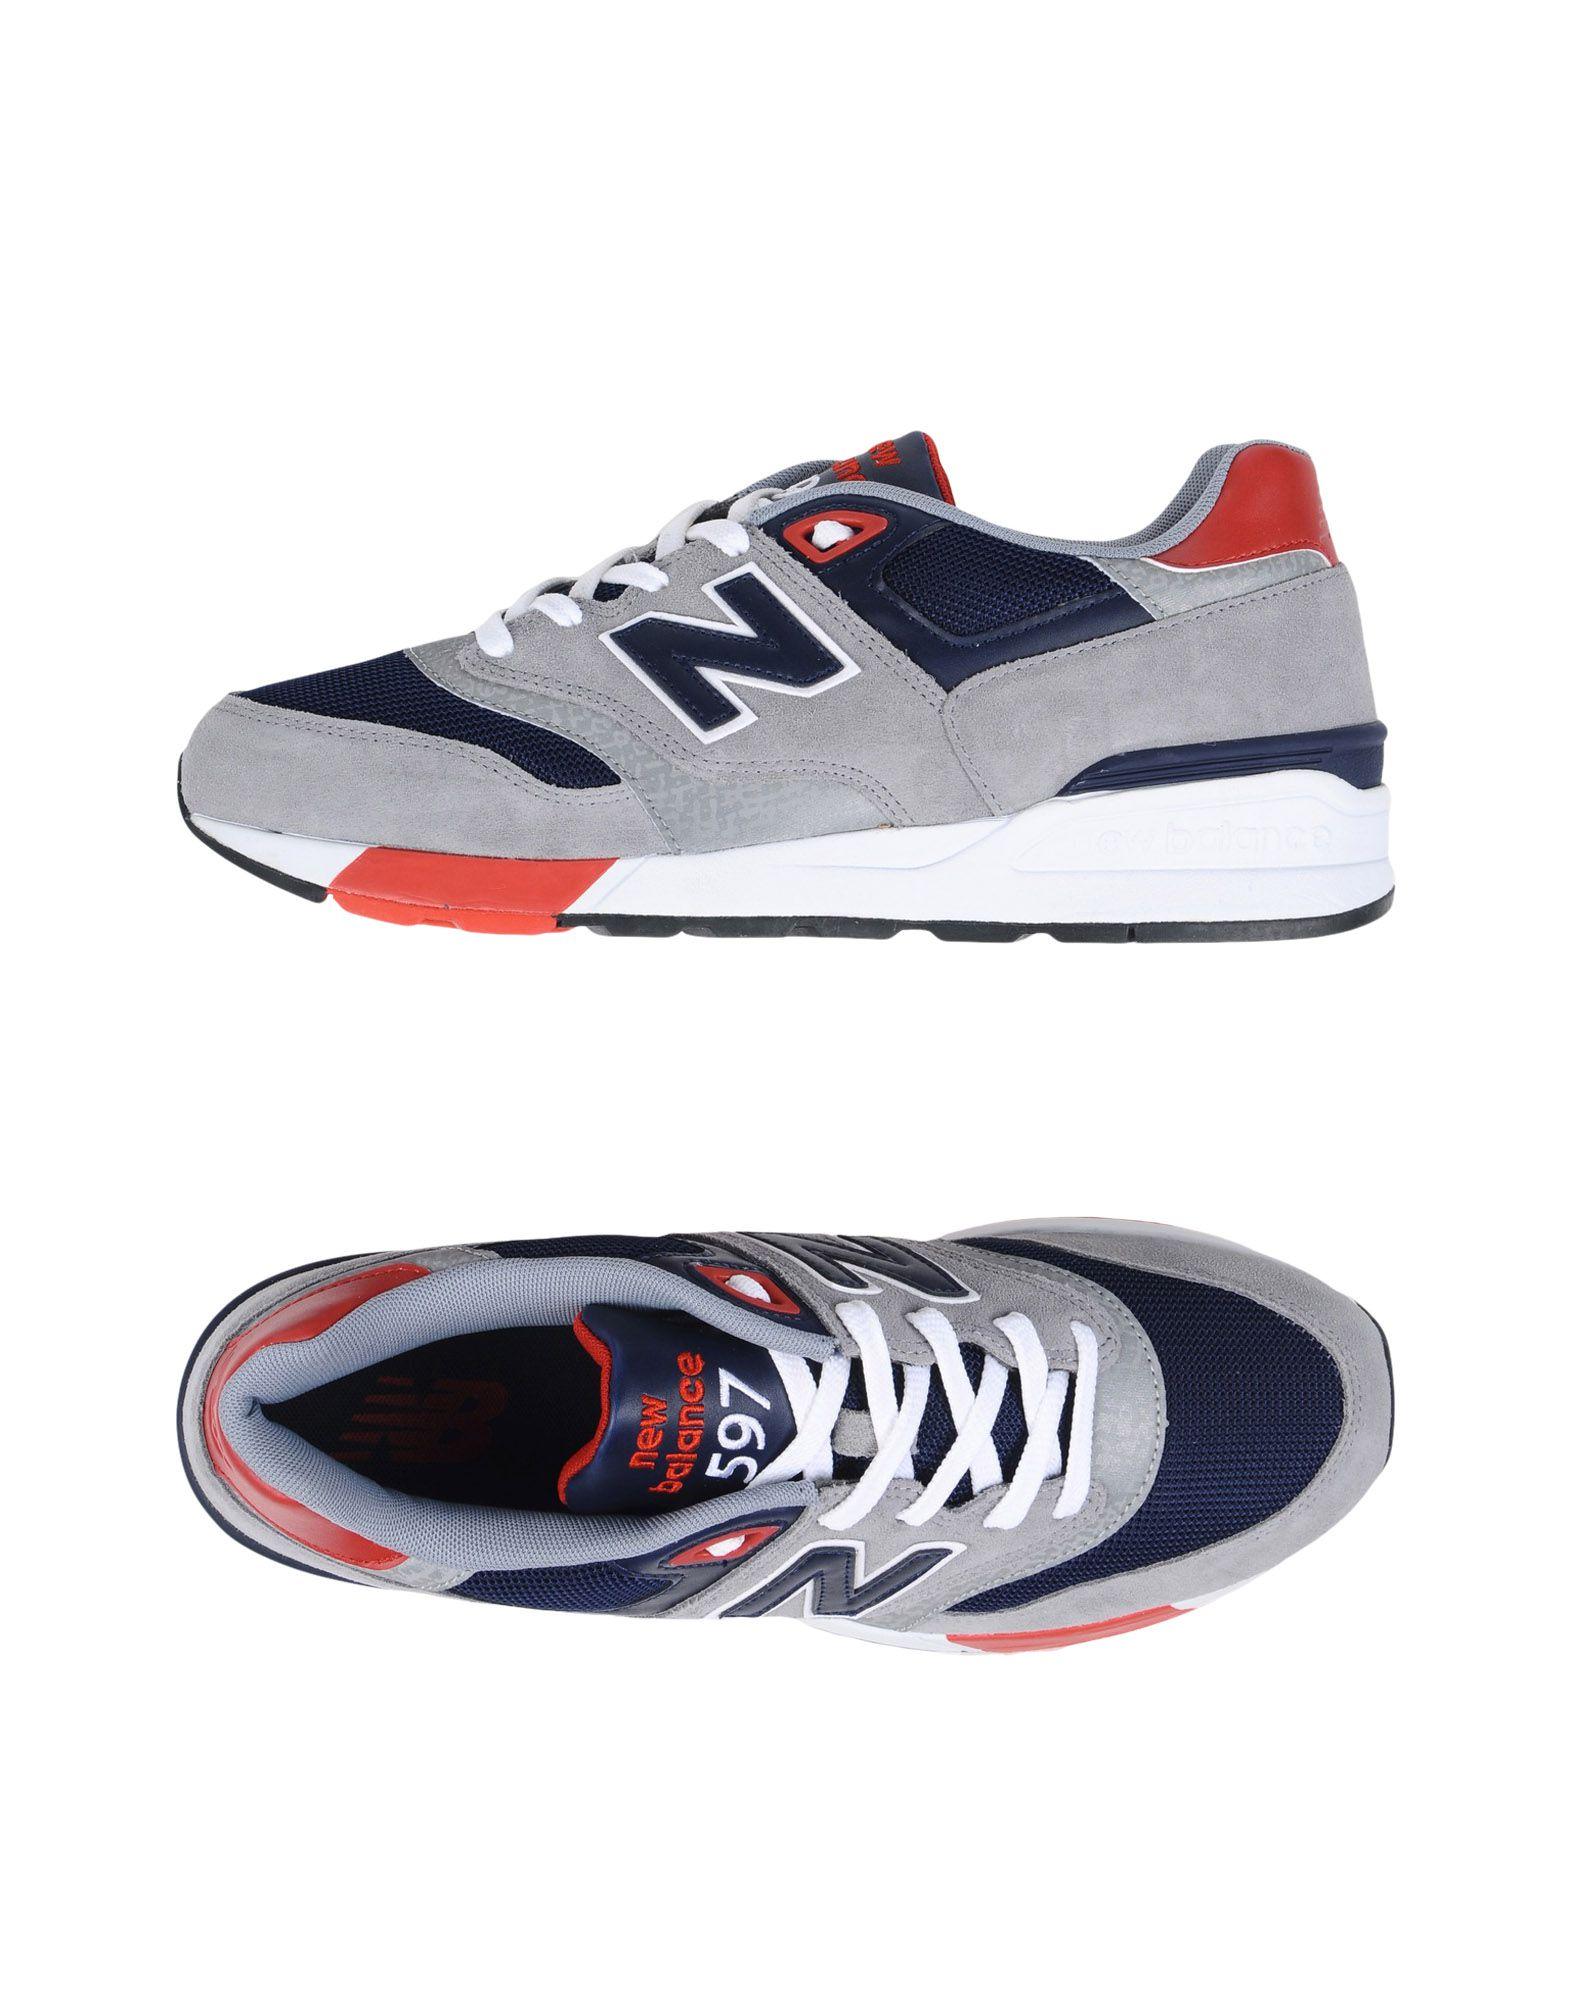 Sneakers New Balance 597 Classic Running - Uomo - 11195409IQ